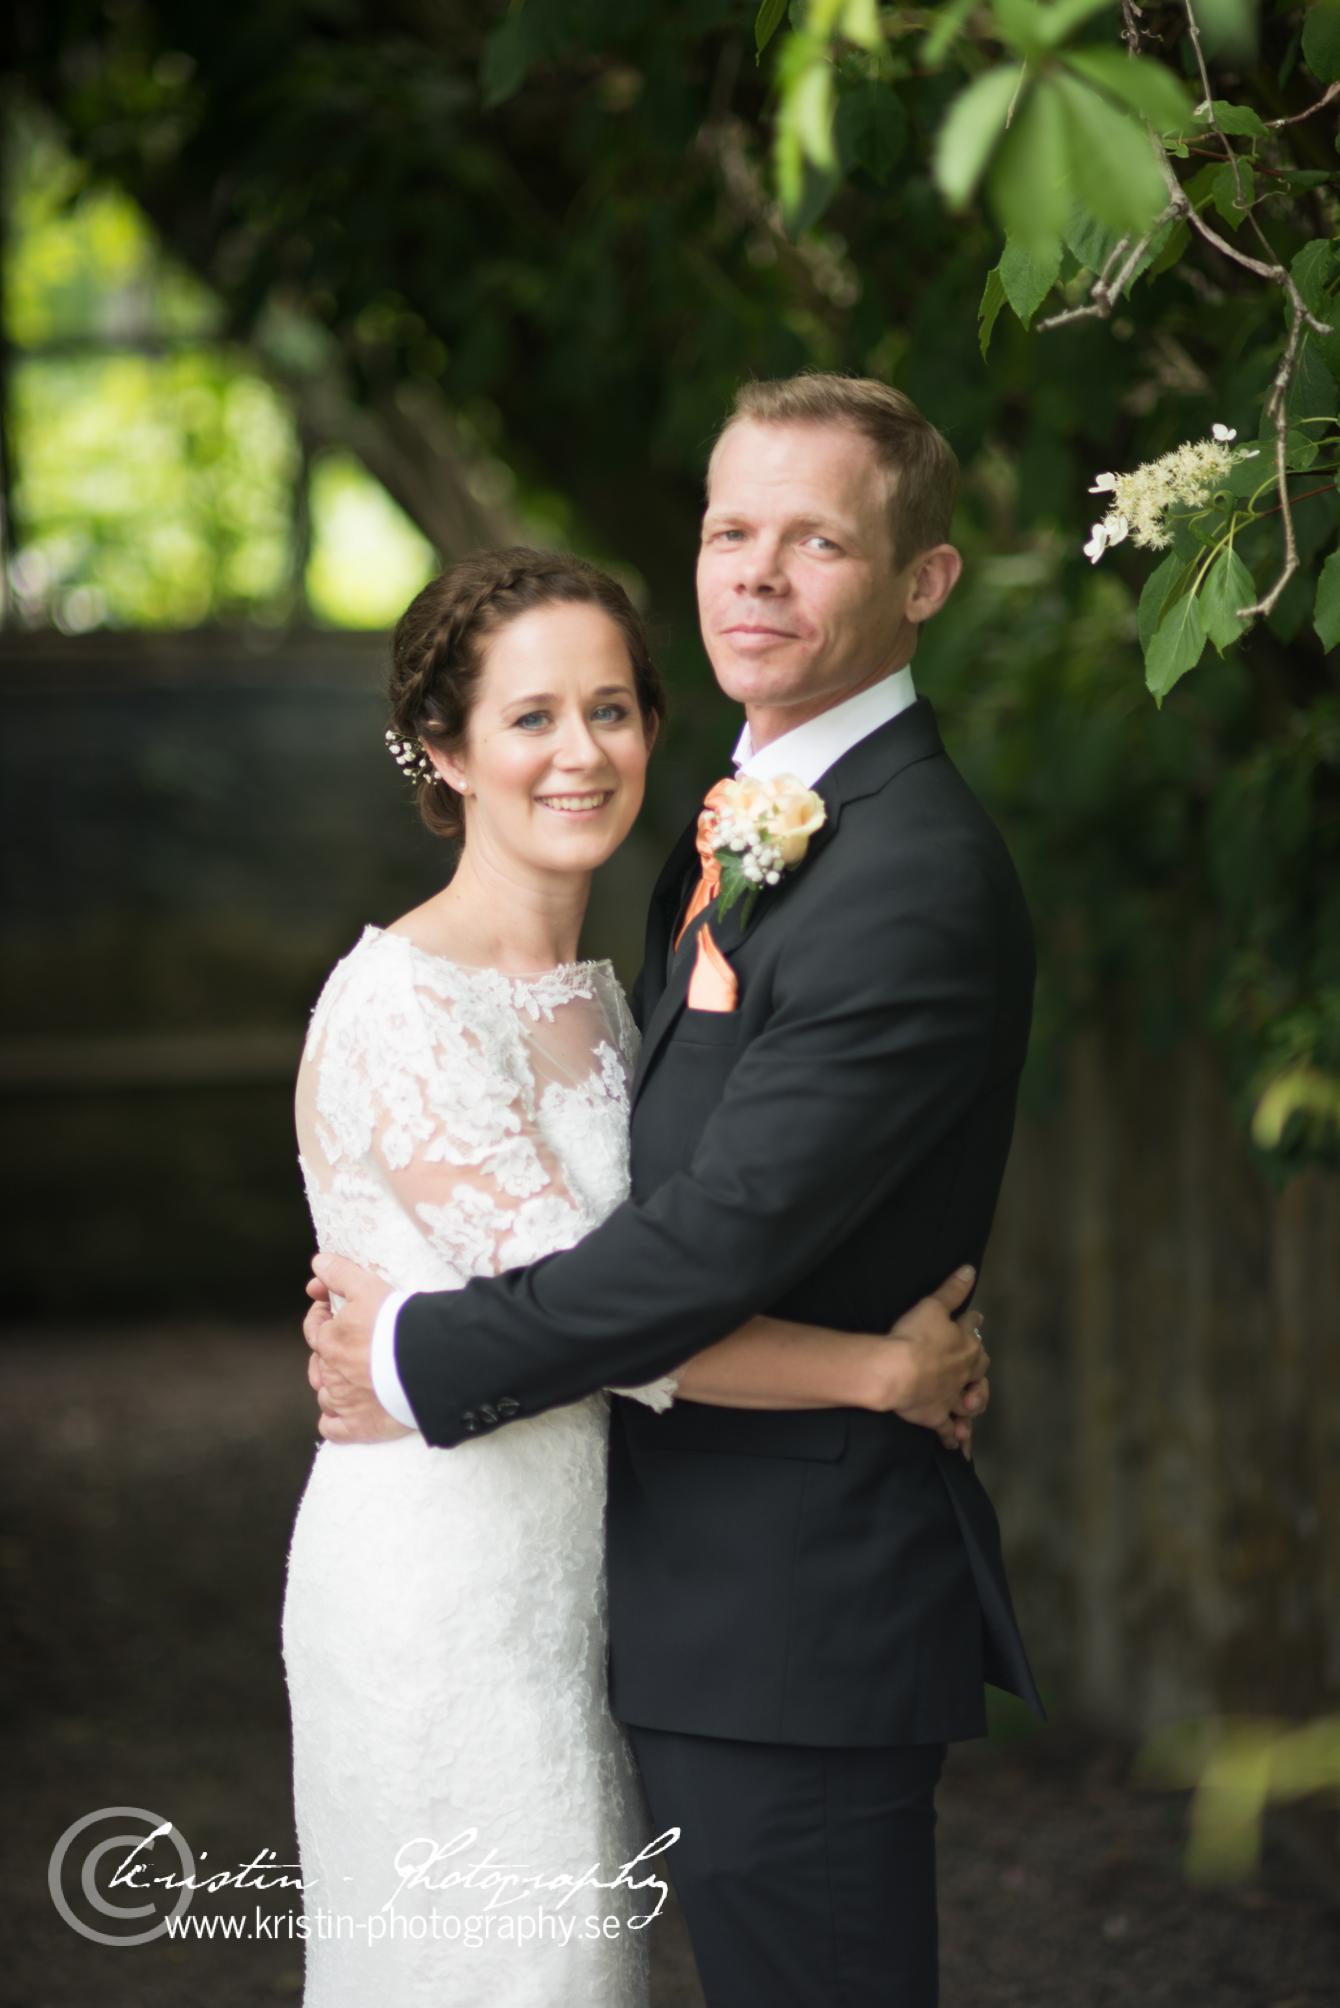 Bröllopsfotograf i Eskilstuna, Kristin - Photography, weddingphotographer -32.jpg